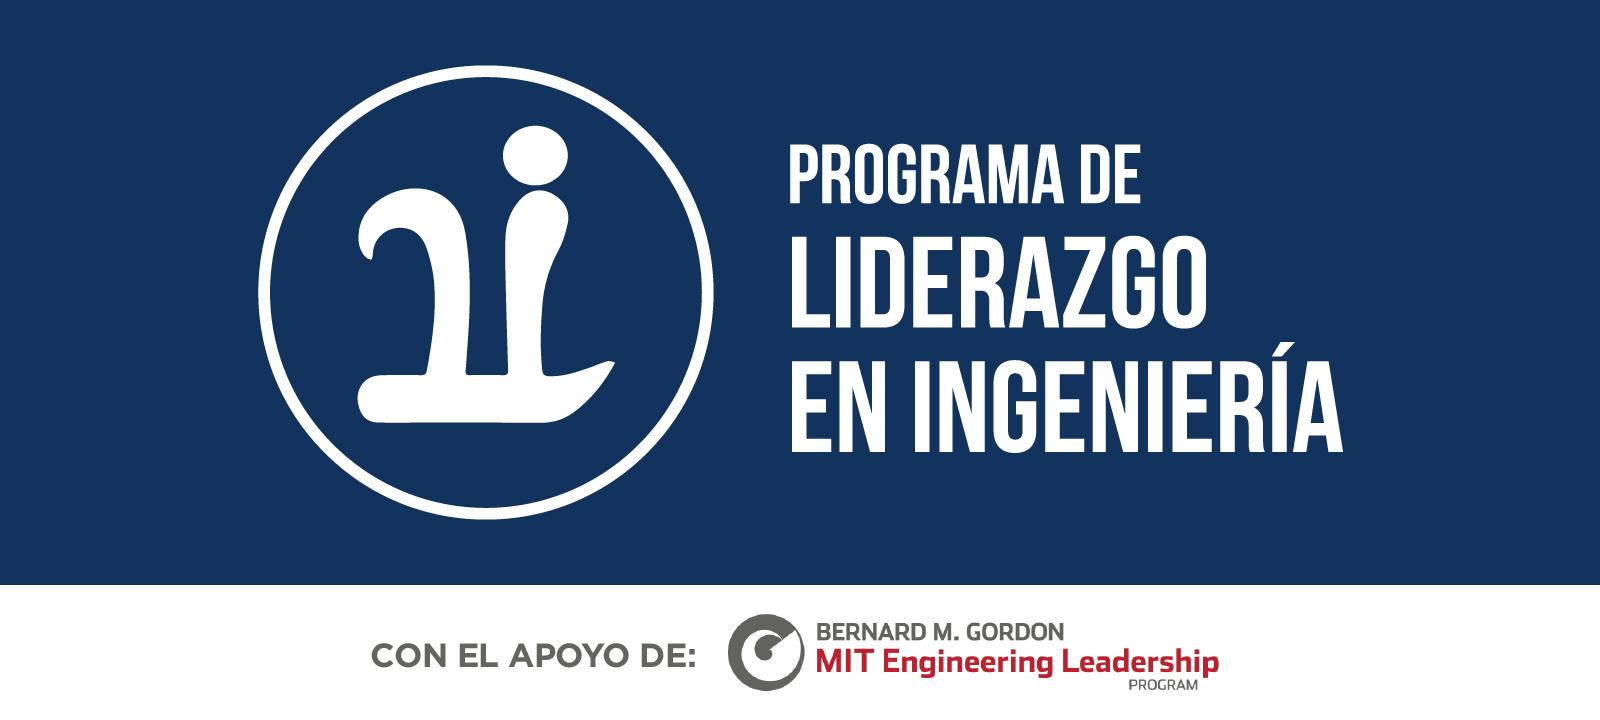 Programa de Liderazgo en Ingeniería